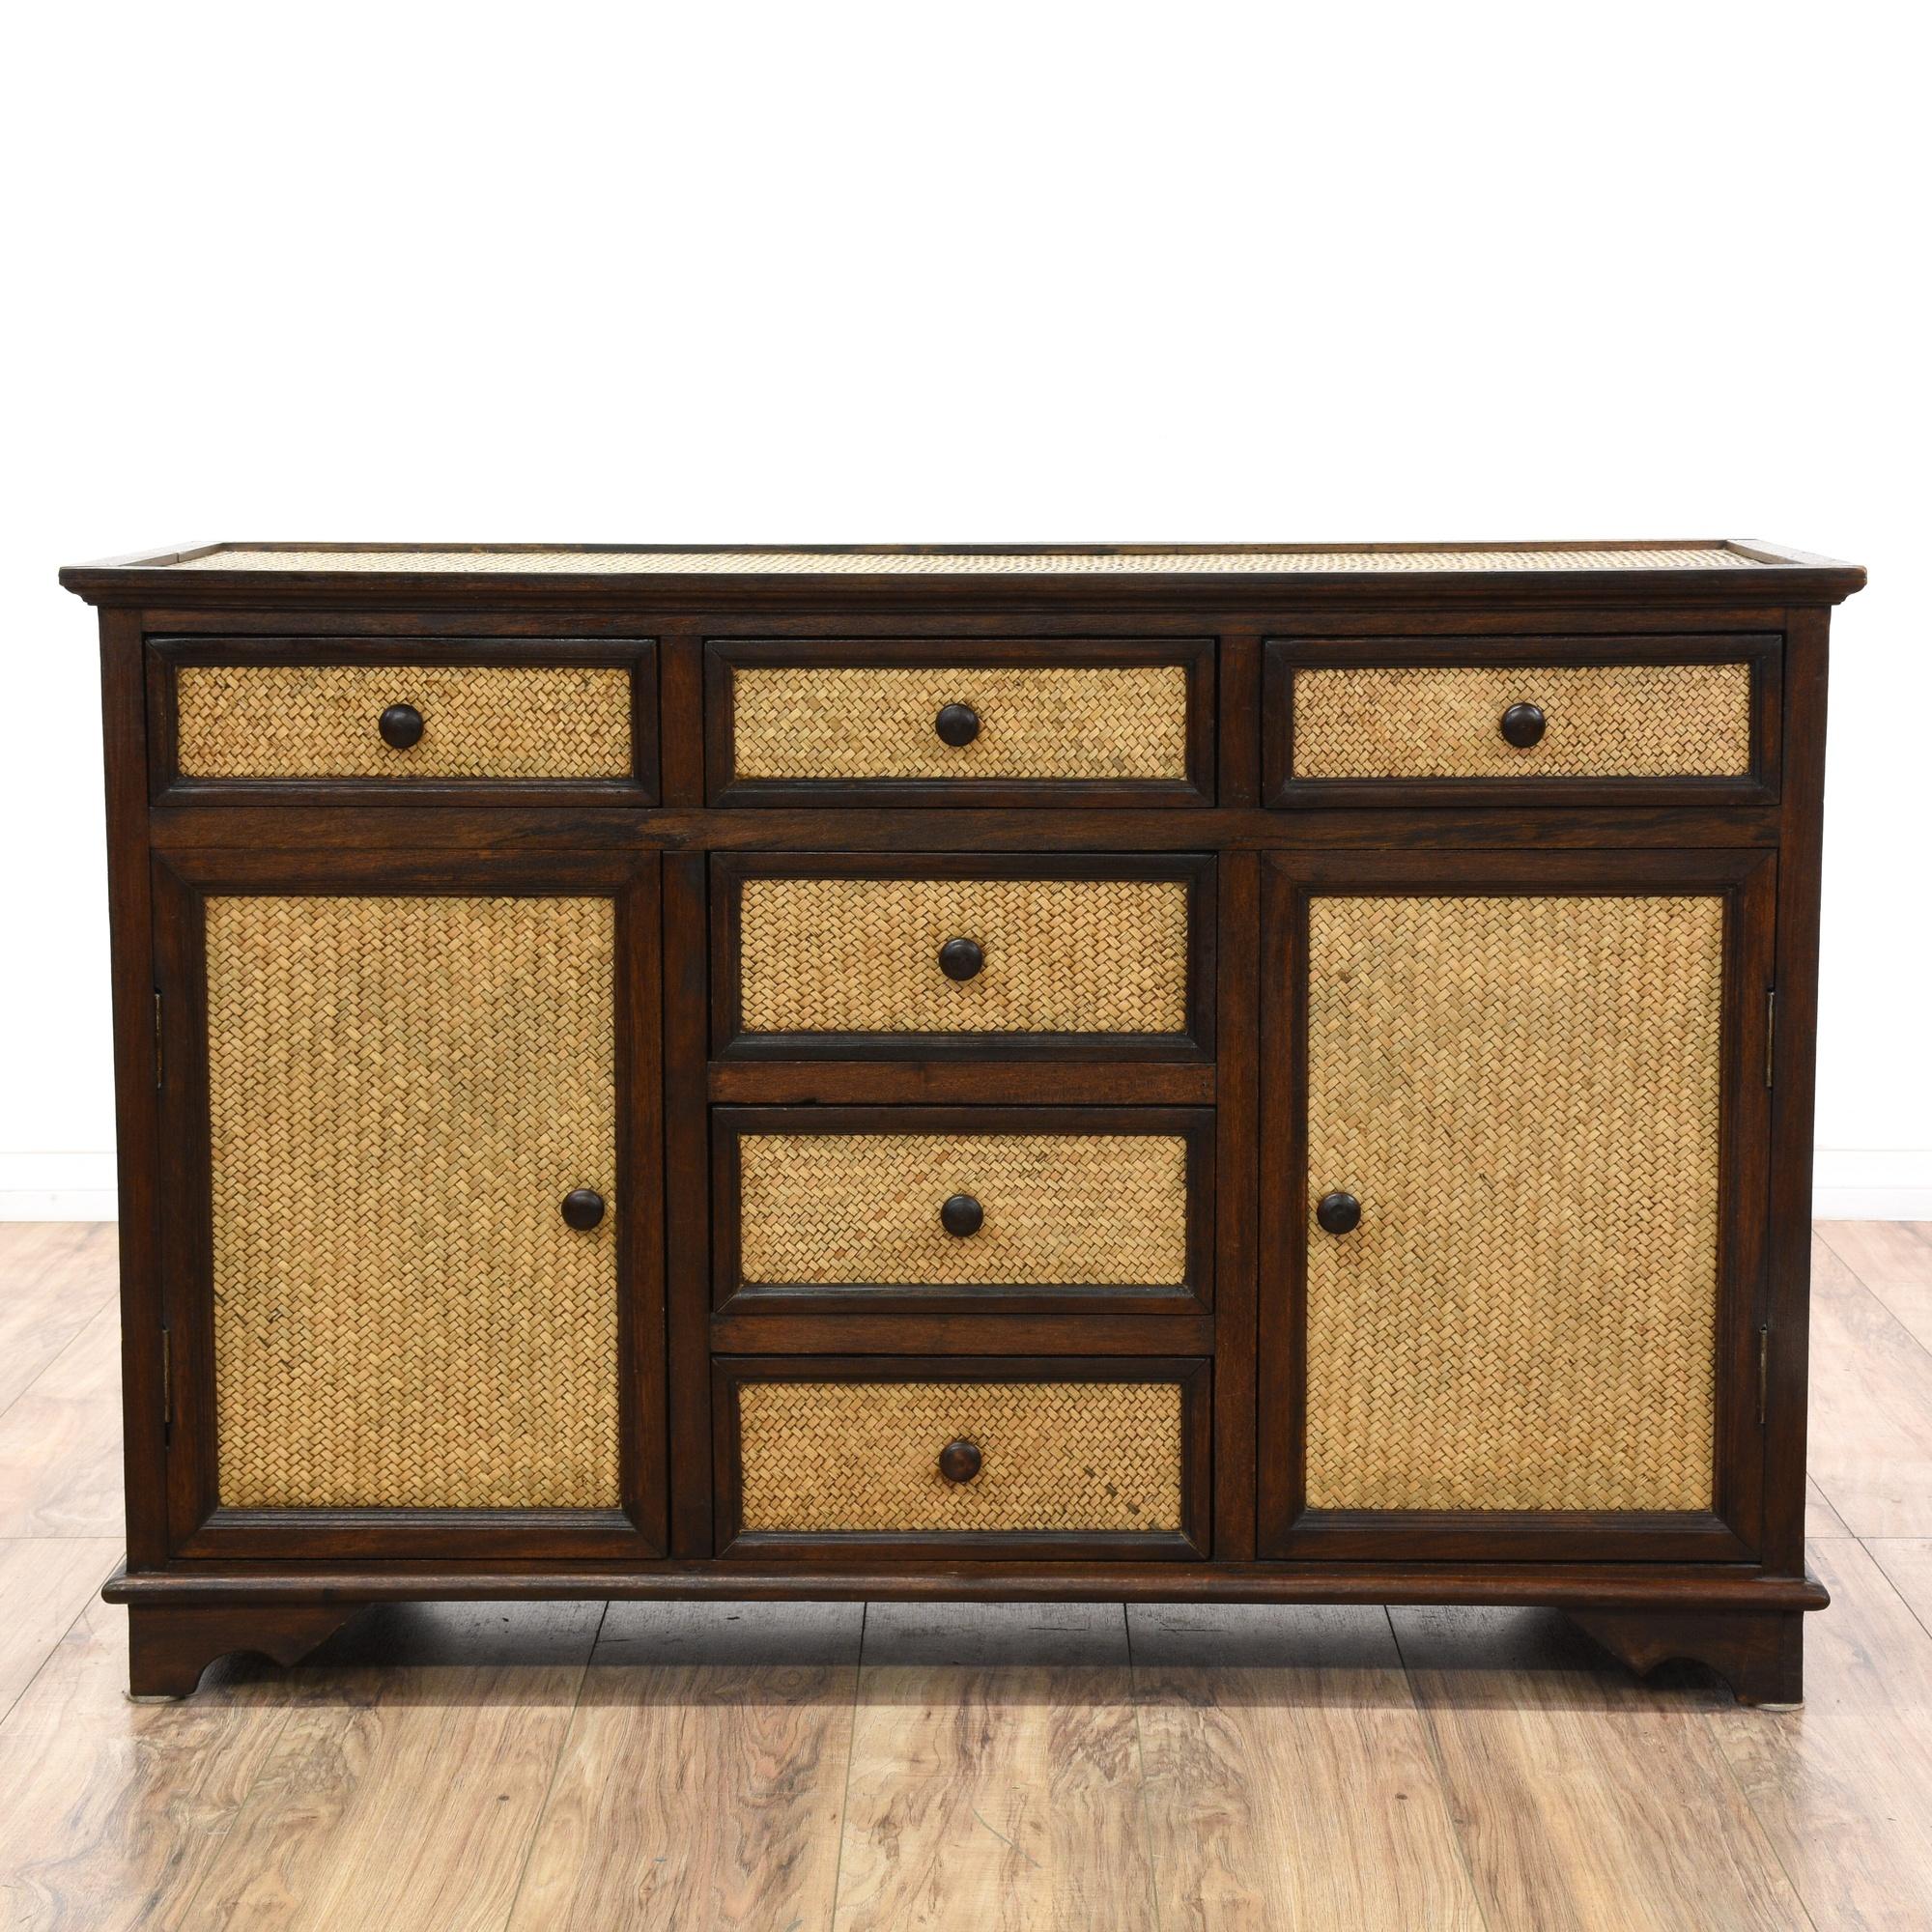 wood rattan dresser buffet sideboard loveseat vintage. Black Bedroom Furniture Sets. Home Design Ideas